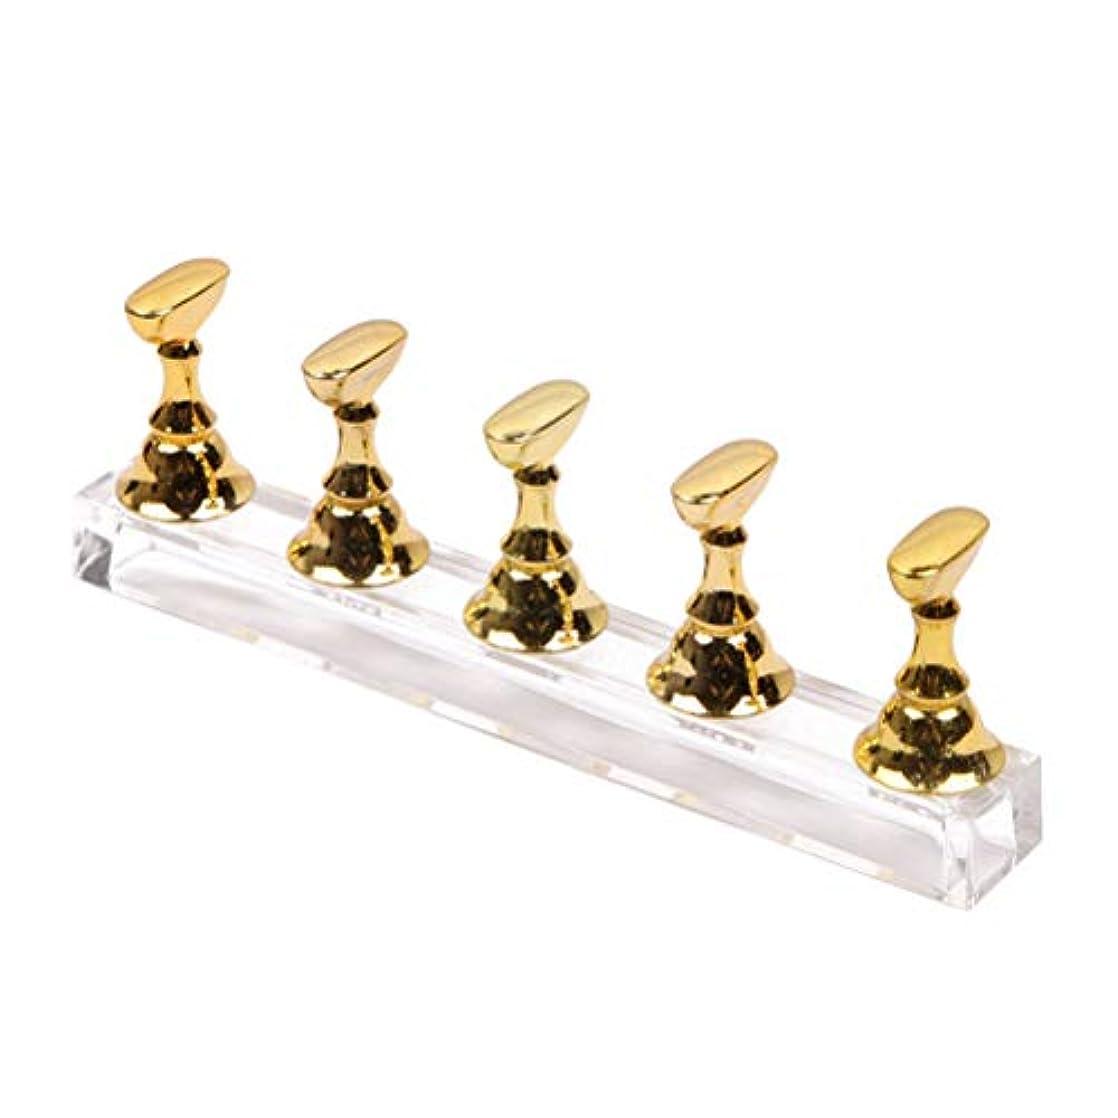 メモユダヤ人工業化するFrcolor ネイルチップスタンド ディスプレイスタンド サンプルチップ ネイルアート道具 磁気 練習用 5本セット(ゴールデン)